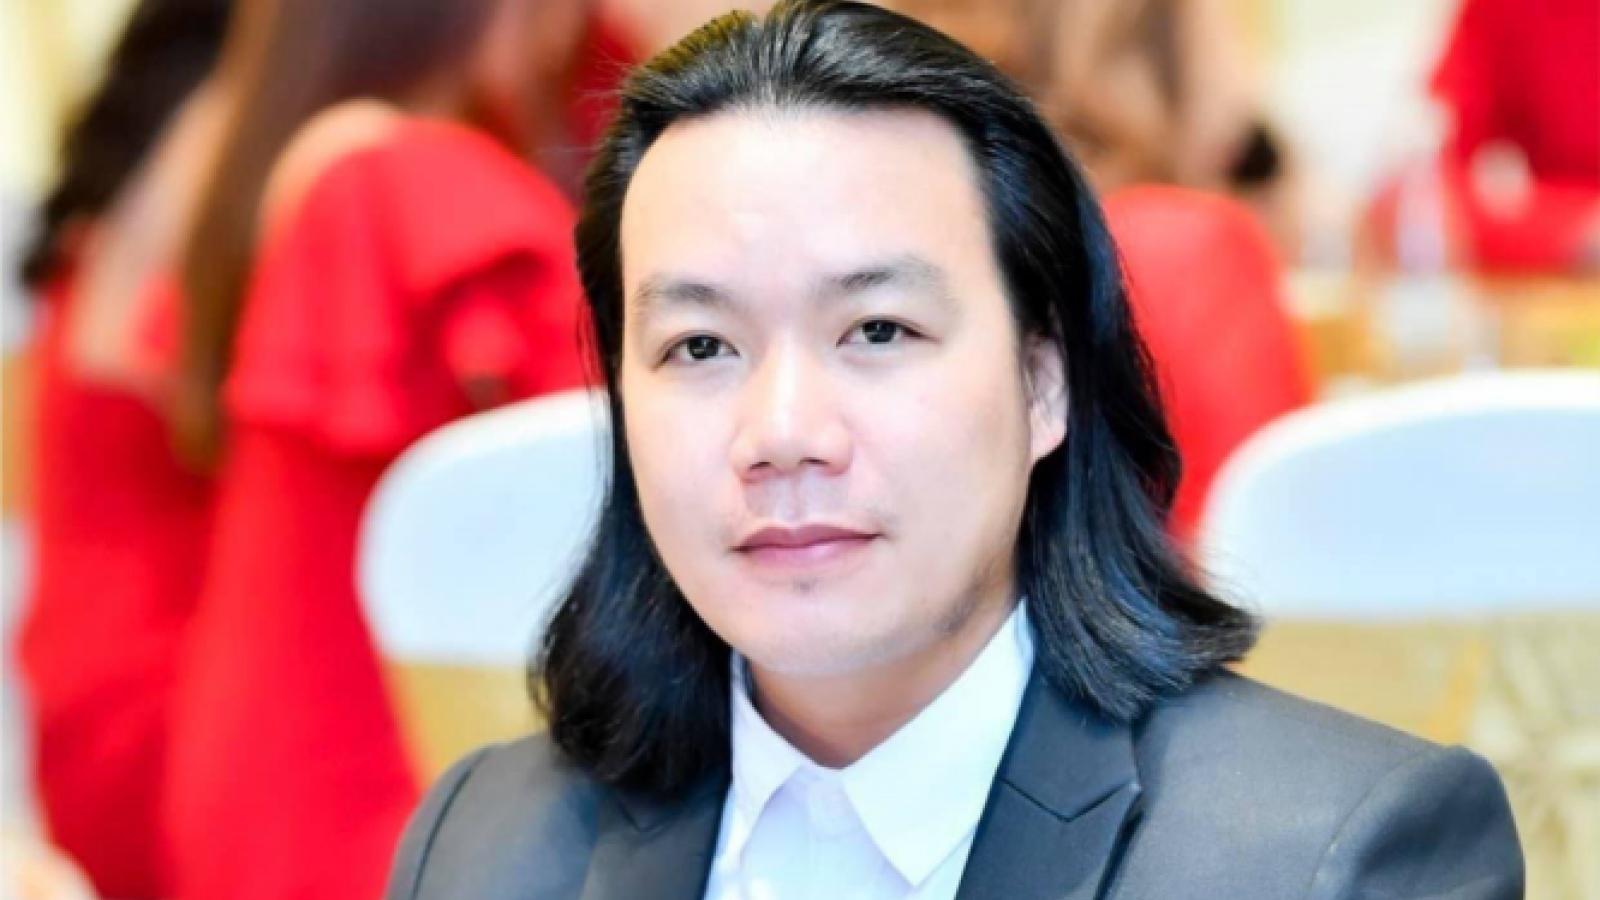 """Dâng trào cảm xúc """"Tự hào hai tiếng Việt Nam"""" qua ca khúc của nhạc sĩ Bùi Hoàng Uyên Minh"""